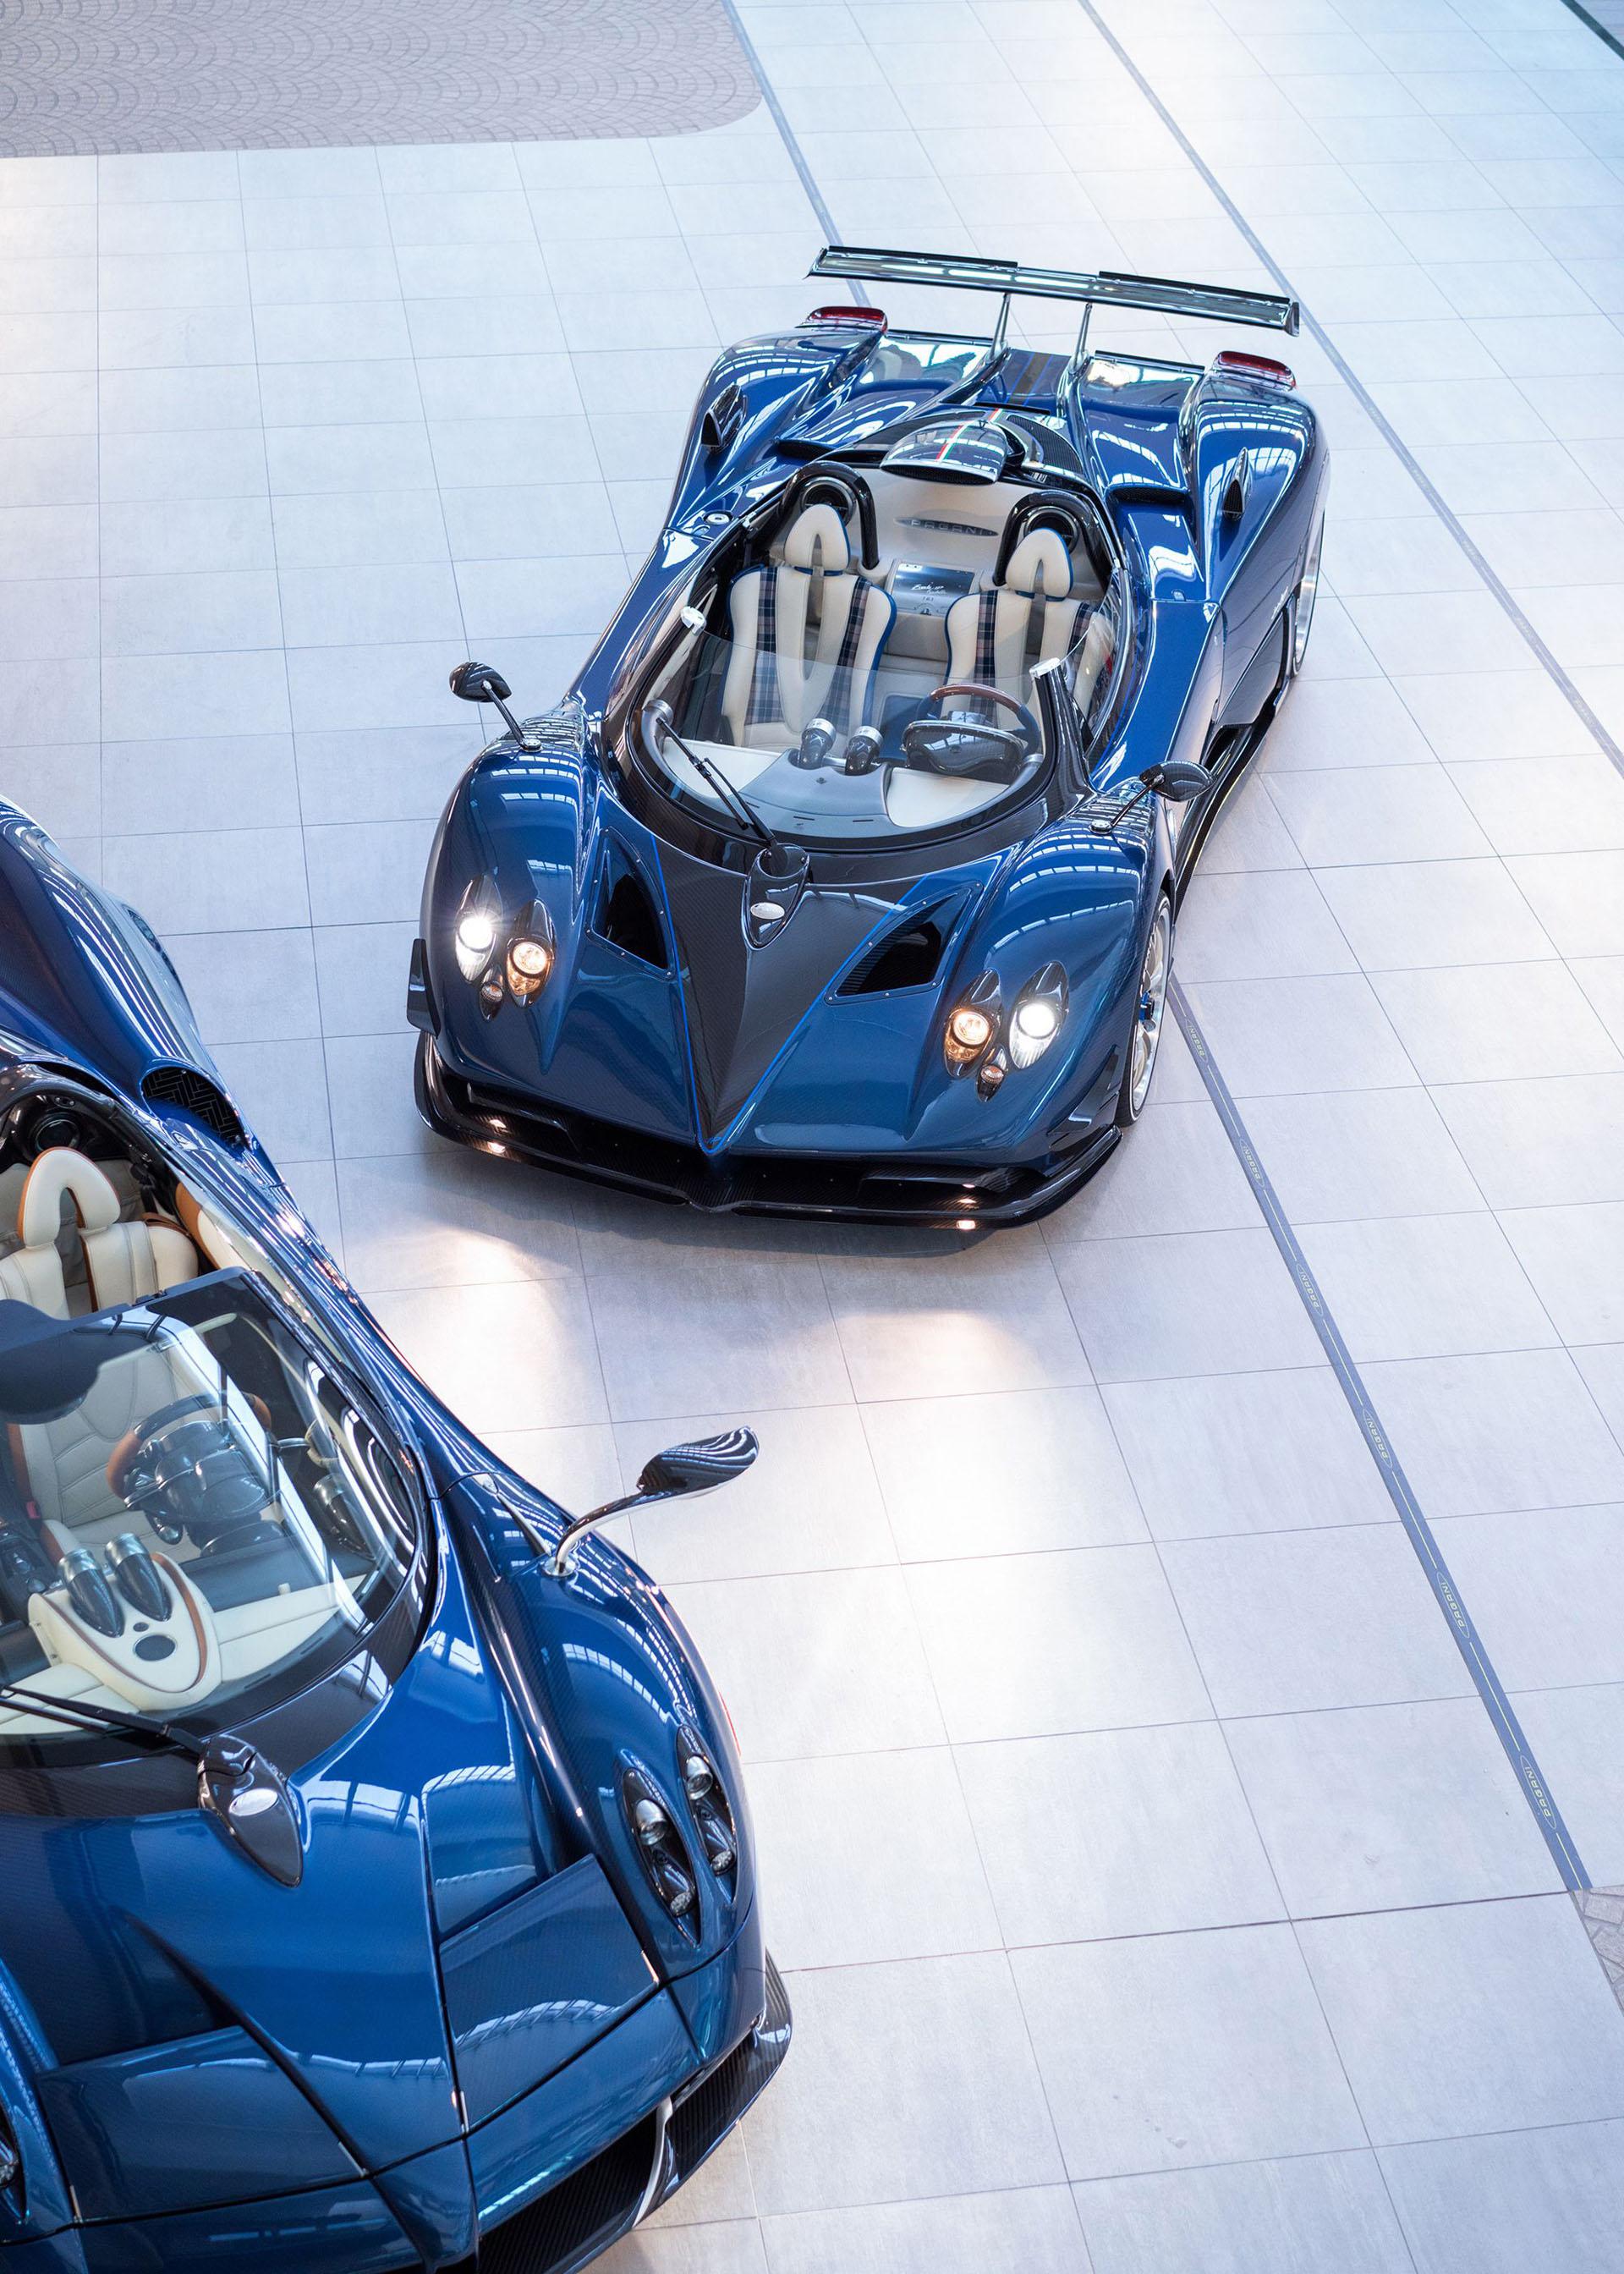 La producción es exclusiva: se desarrollaron tres unidades del Pagani Zonda HP Barchetta y sólo dos fueron ofrecidas a un selecto público